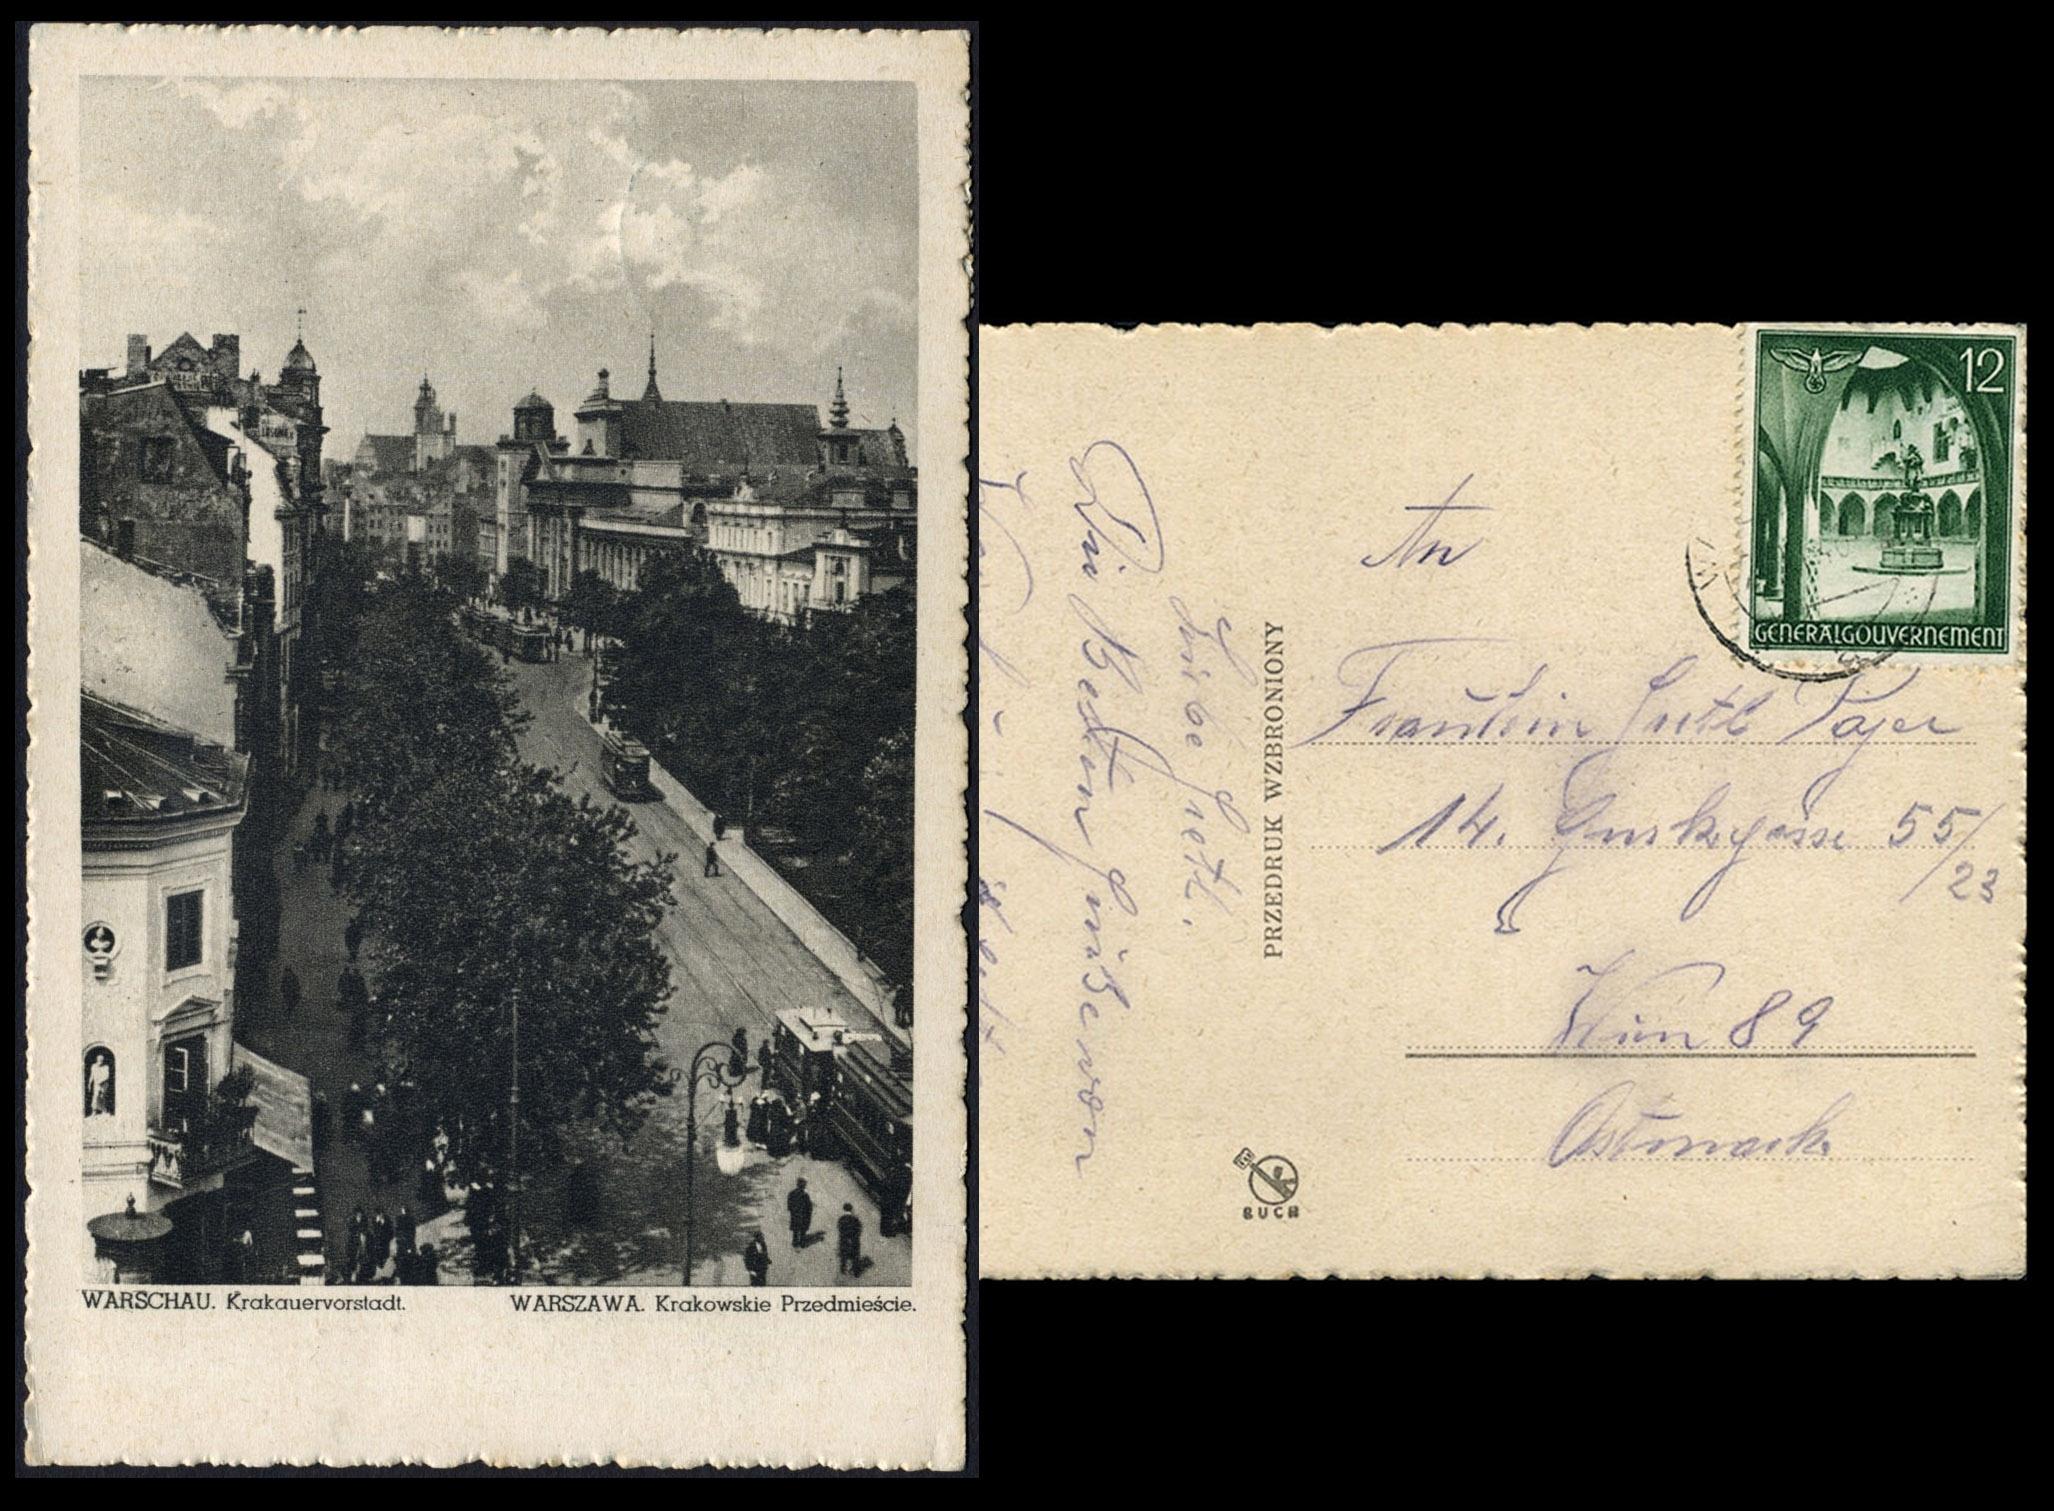 GG Pocztówka - postkarte WARSCHAU Krakauervorstadt Krakowskie Przedmieście 1940